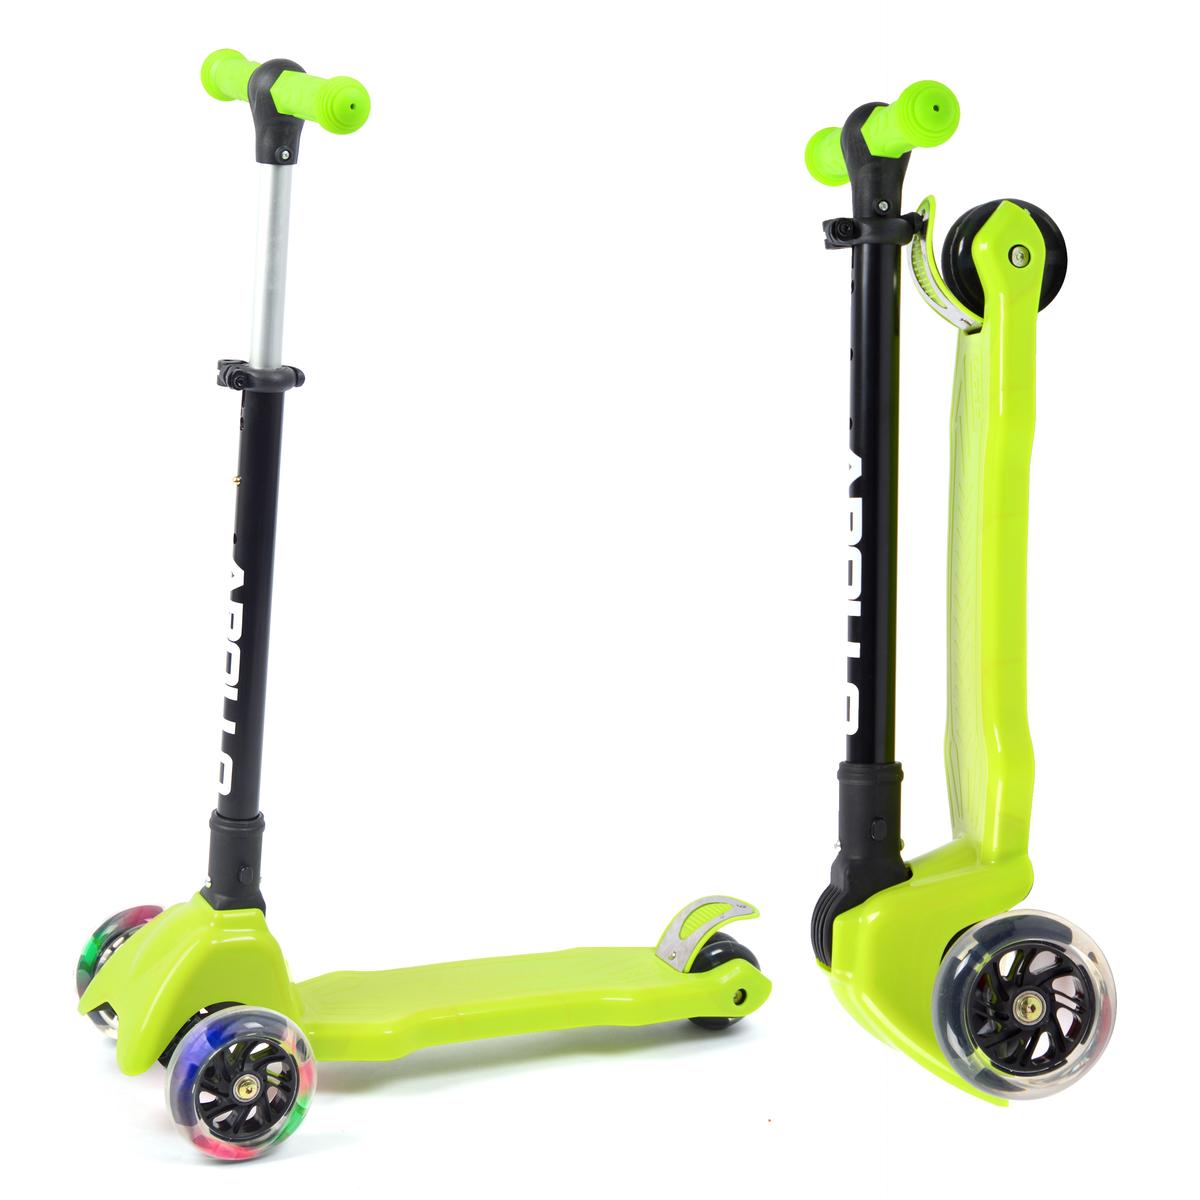 Bild 1 von Apollo Scooter - Candy Racer LED - Grün - Kinderscooter ab 3 Jahren, faltbarer Kickboard-Scooter mit  LED Leuchtrollen